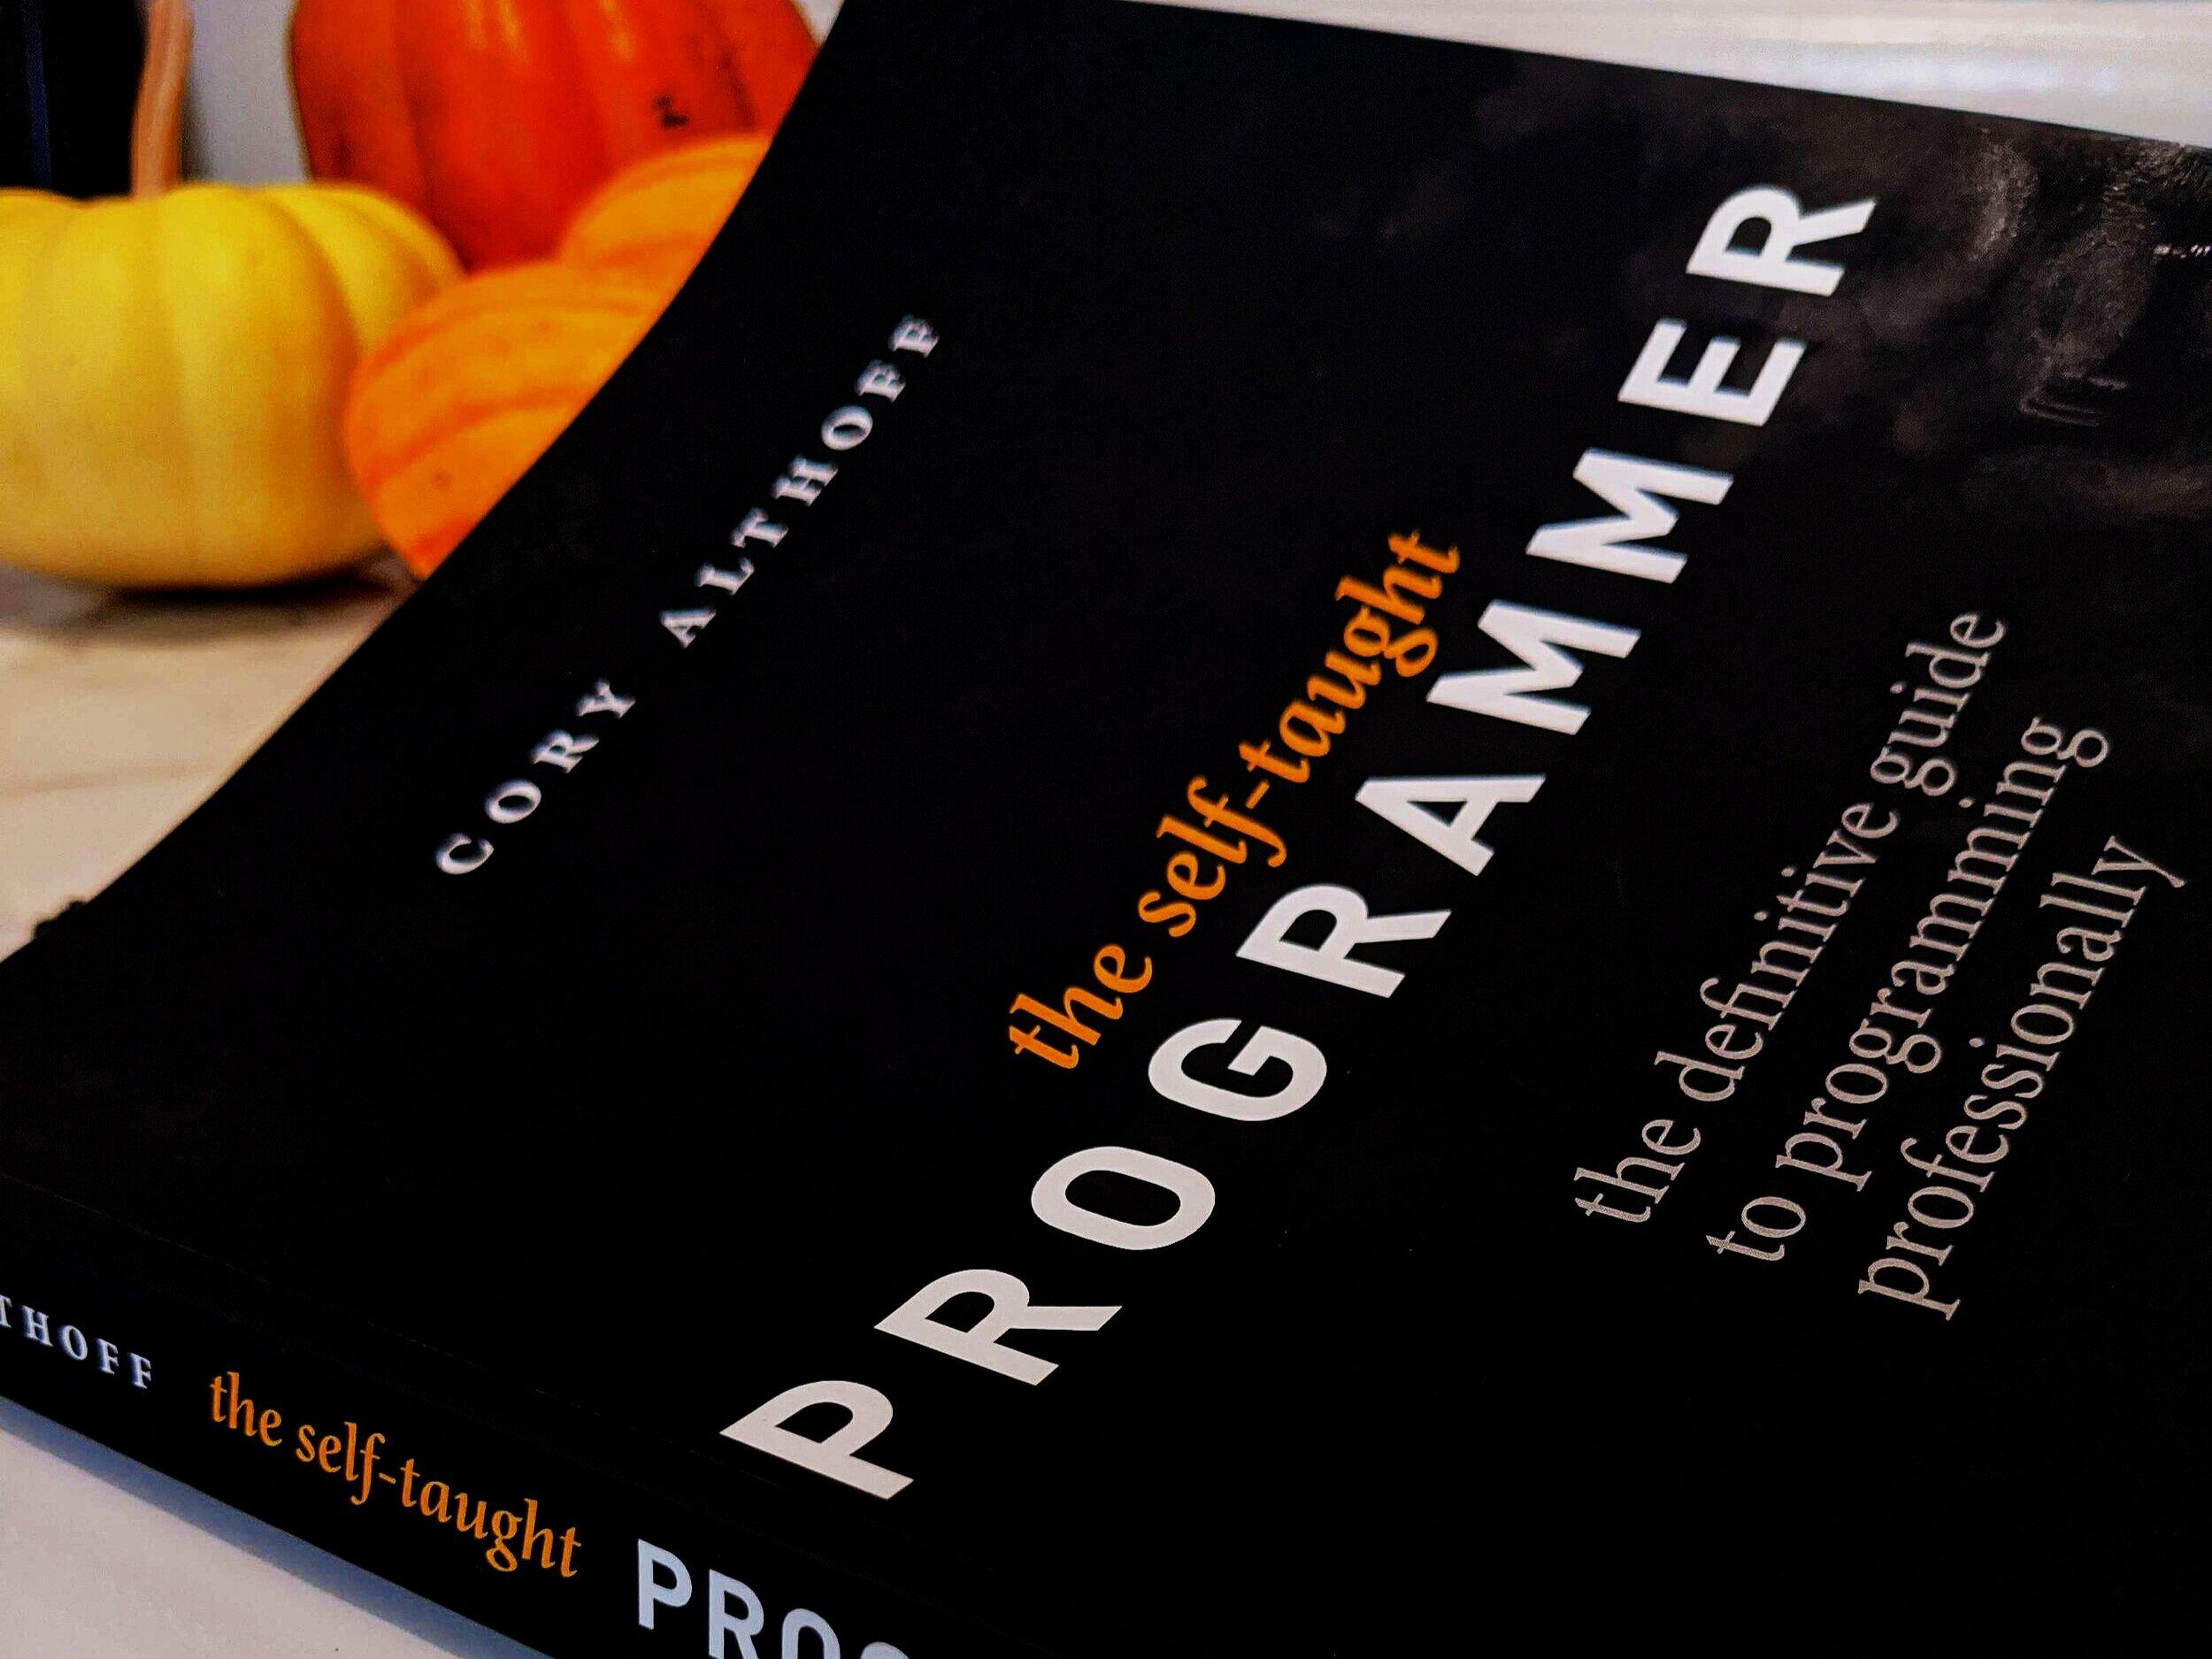 self-taught-programmer.jpg